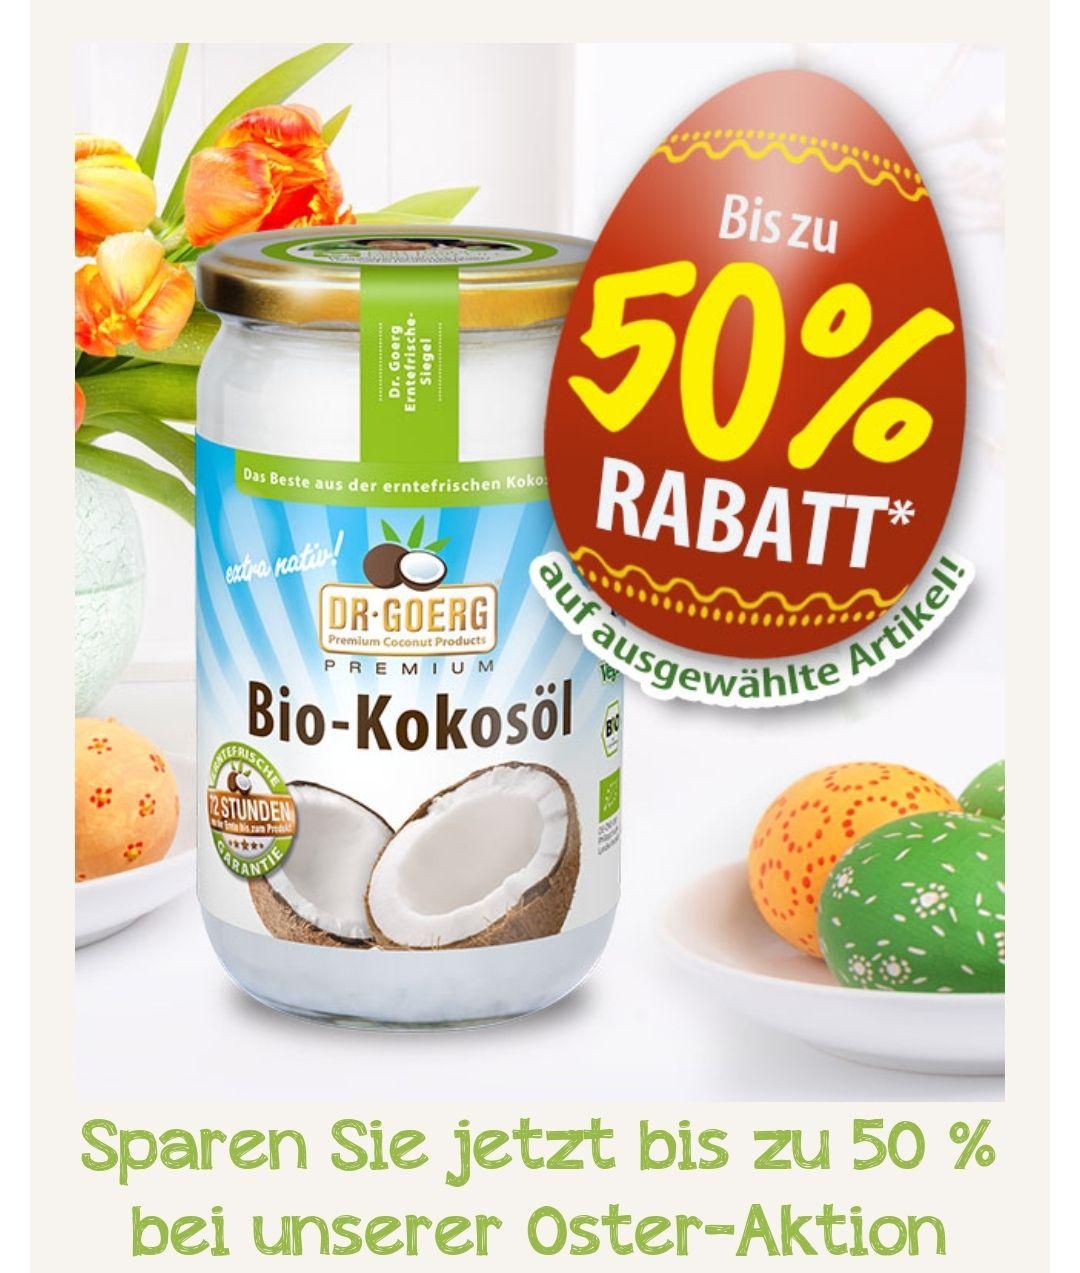 Osteraktion bei Dr. Goerg: bis zu 50% auf Premium Bio Kokosprodukte // fairtrade